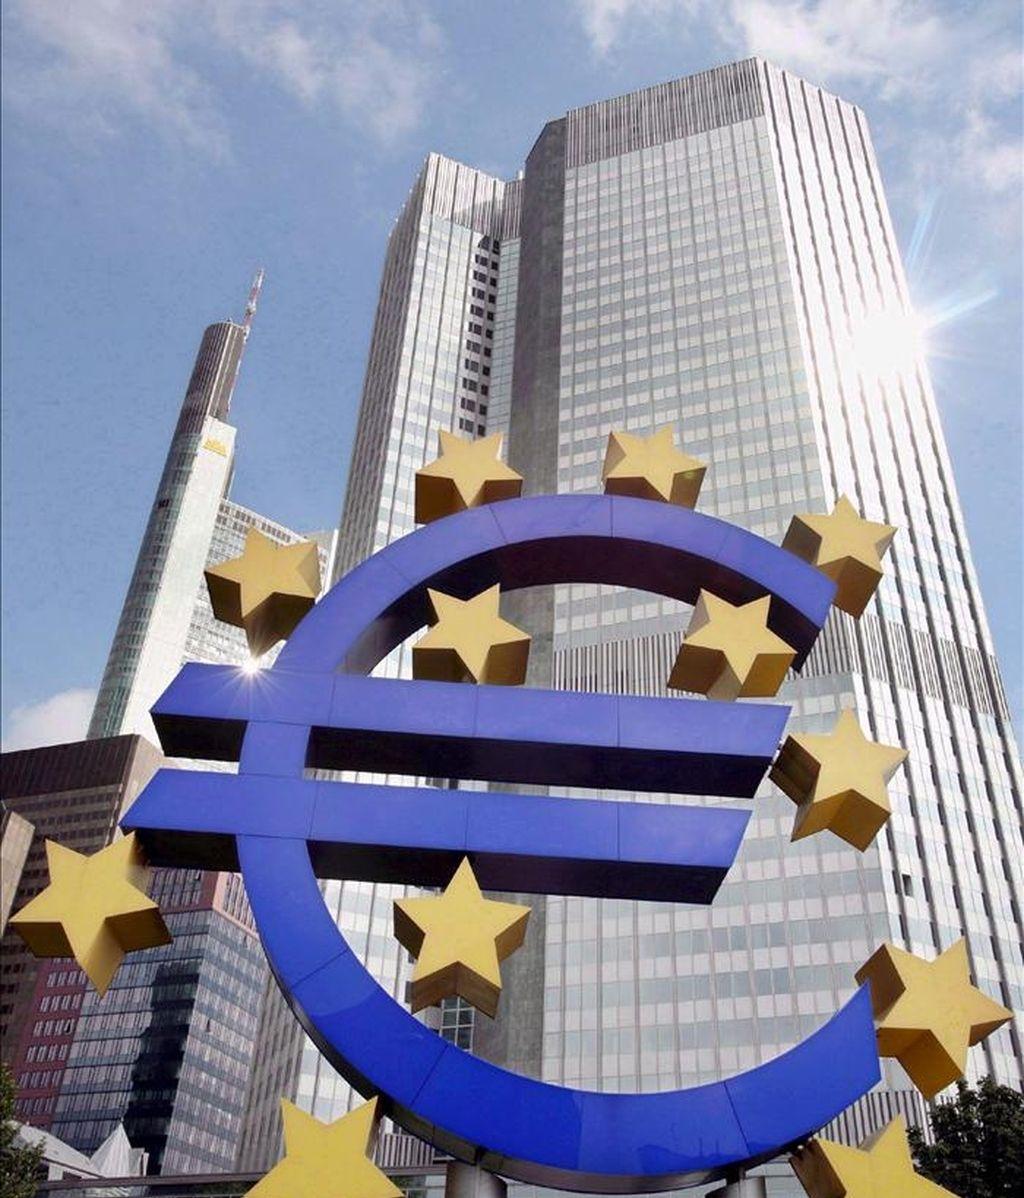 Foto de archivo de la sede del Banco Central Europeo tras el logotipo del euro en Fráncfort (Alemania). EFE/Archivo